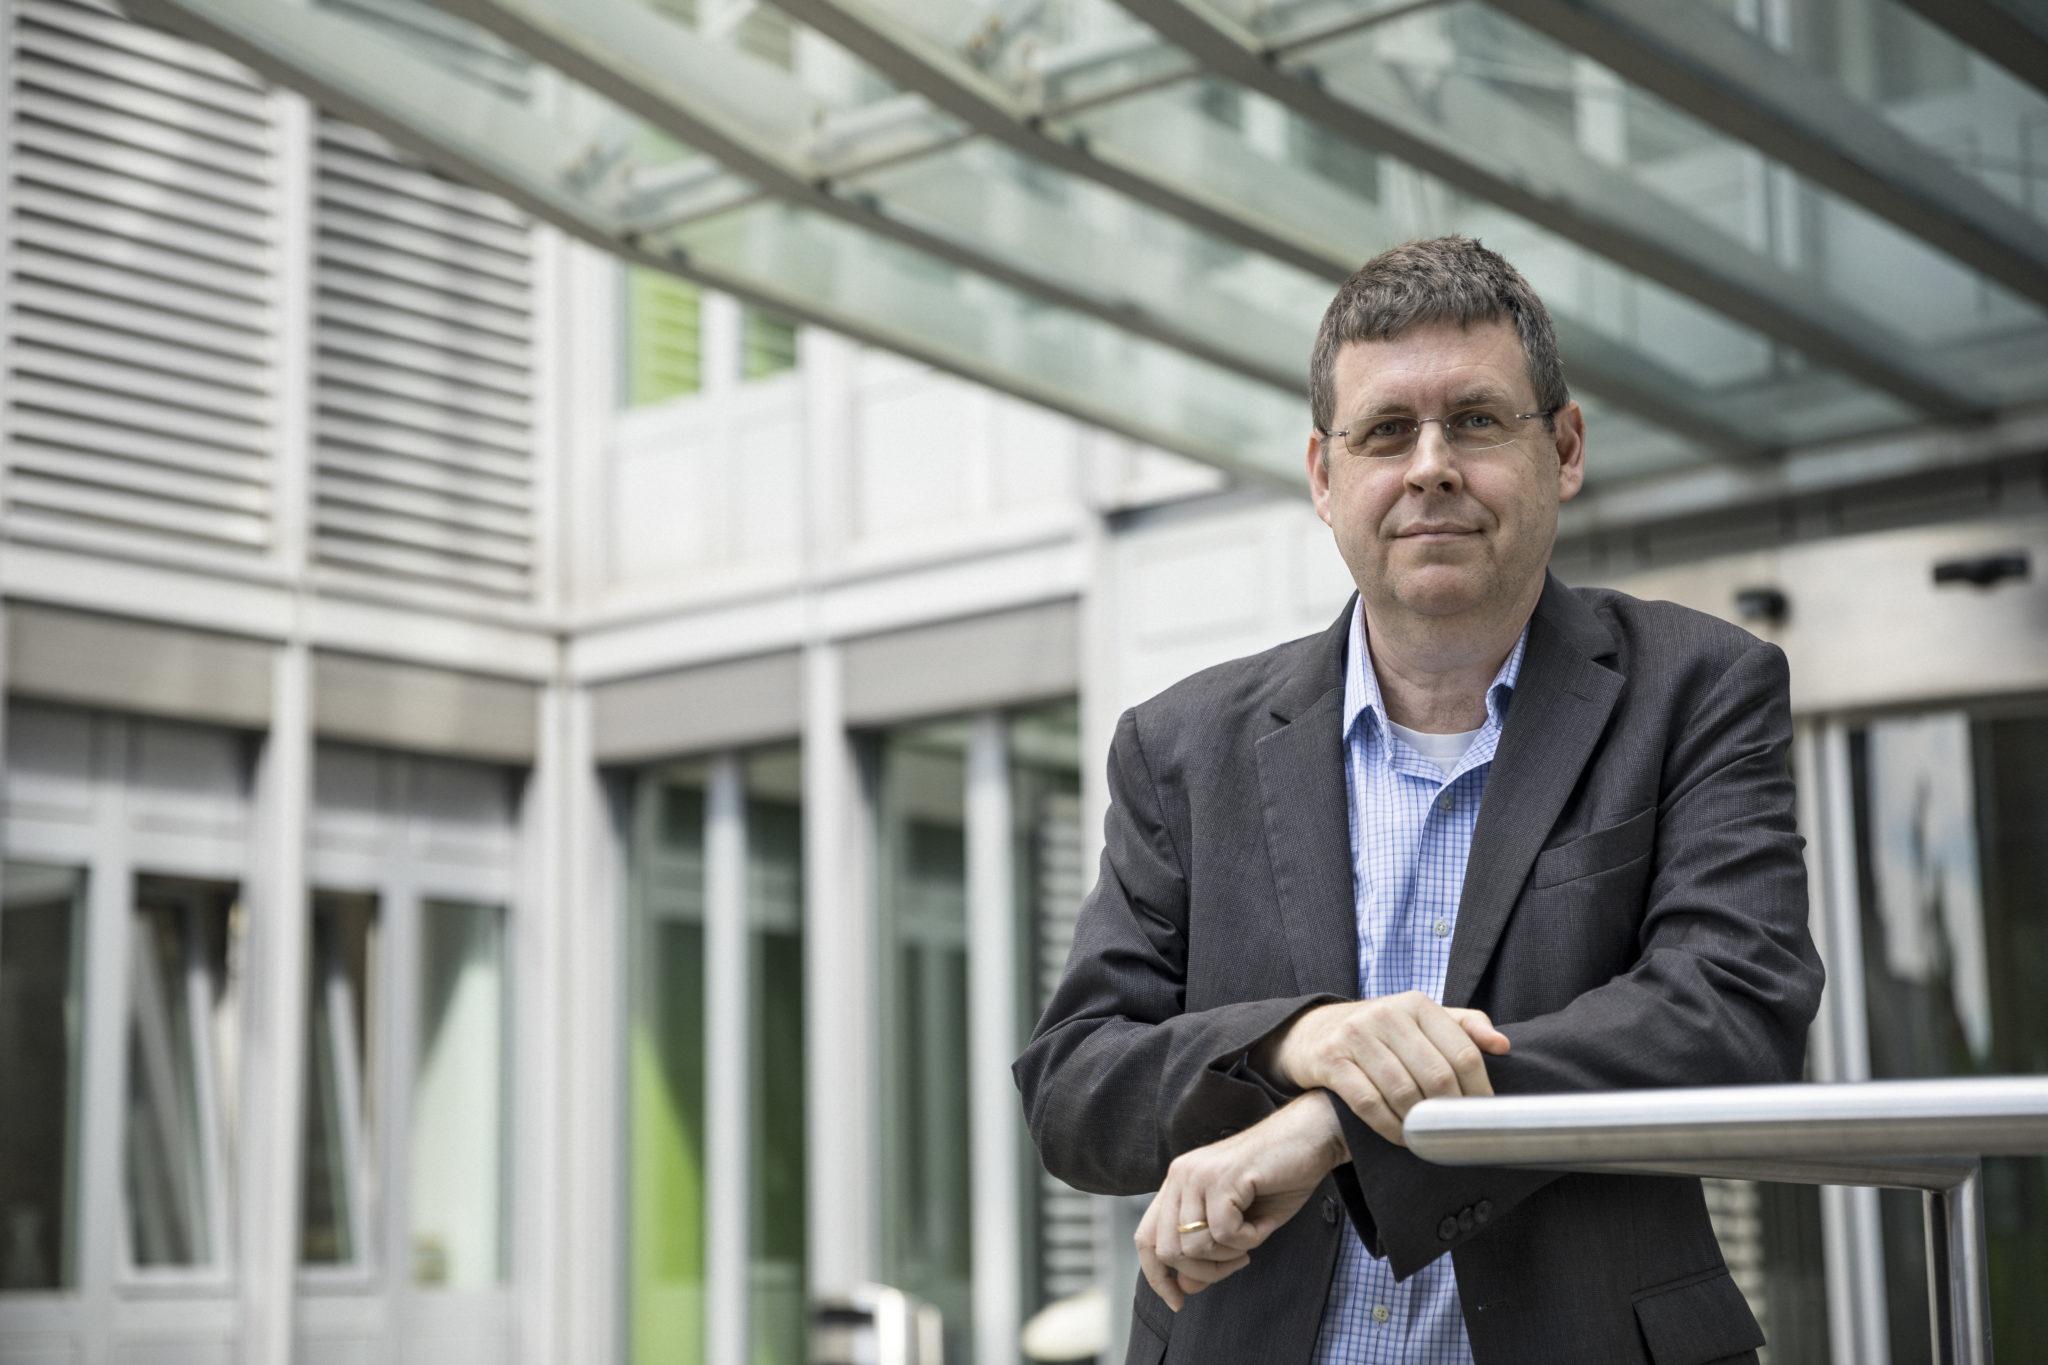 Lars-Erik Cederman ist Professor für internationale Konfliktforschung der ETH Zürich. Er erhält den Marcel Benoist Preis 2018.